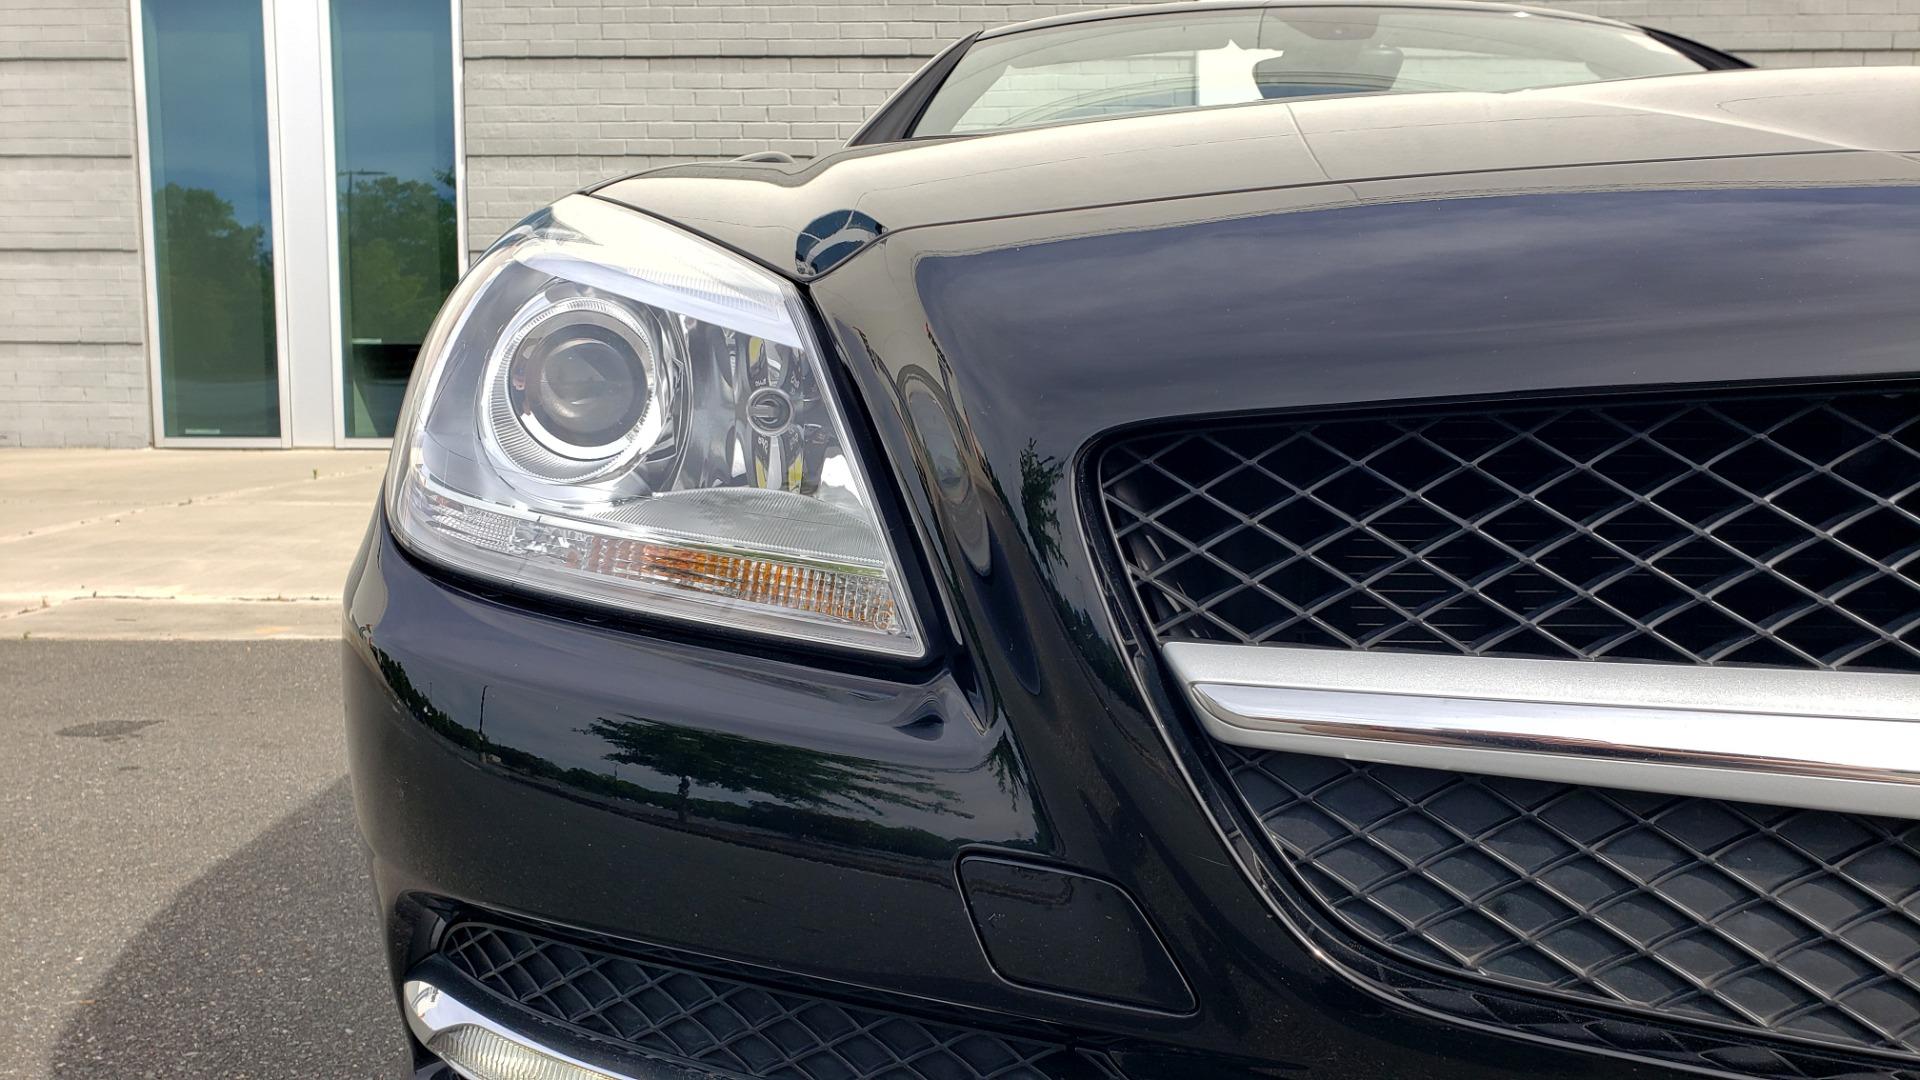 Used 2012 Mercedes-Benz SLK-CLASS SLK 250 ROADSTER / PREM 1 PKG / COMAND LAUNCH PKG / 7-SPD AUTO for sale $24,995 at Formula Imports in Charlotte NC 28227 43